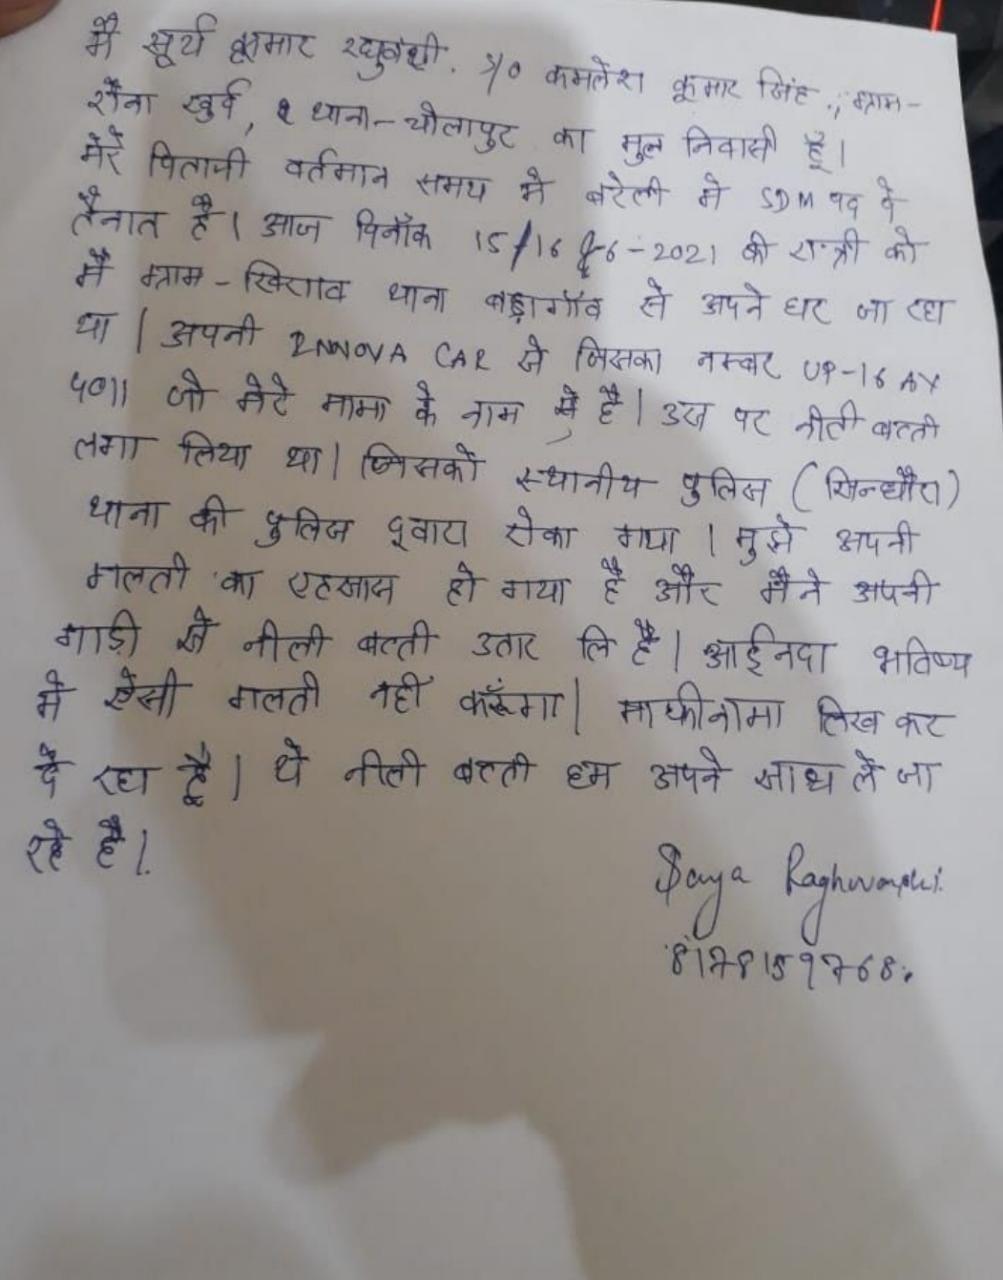 बरेली के एसडीएम के बेटे द्वारा लिखा गया माफीनामा।